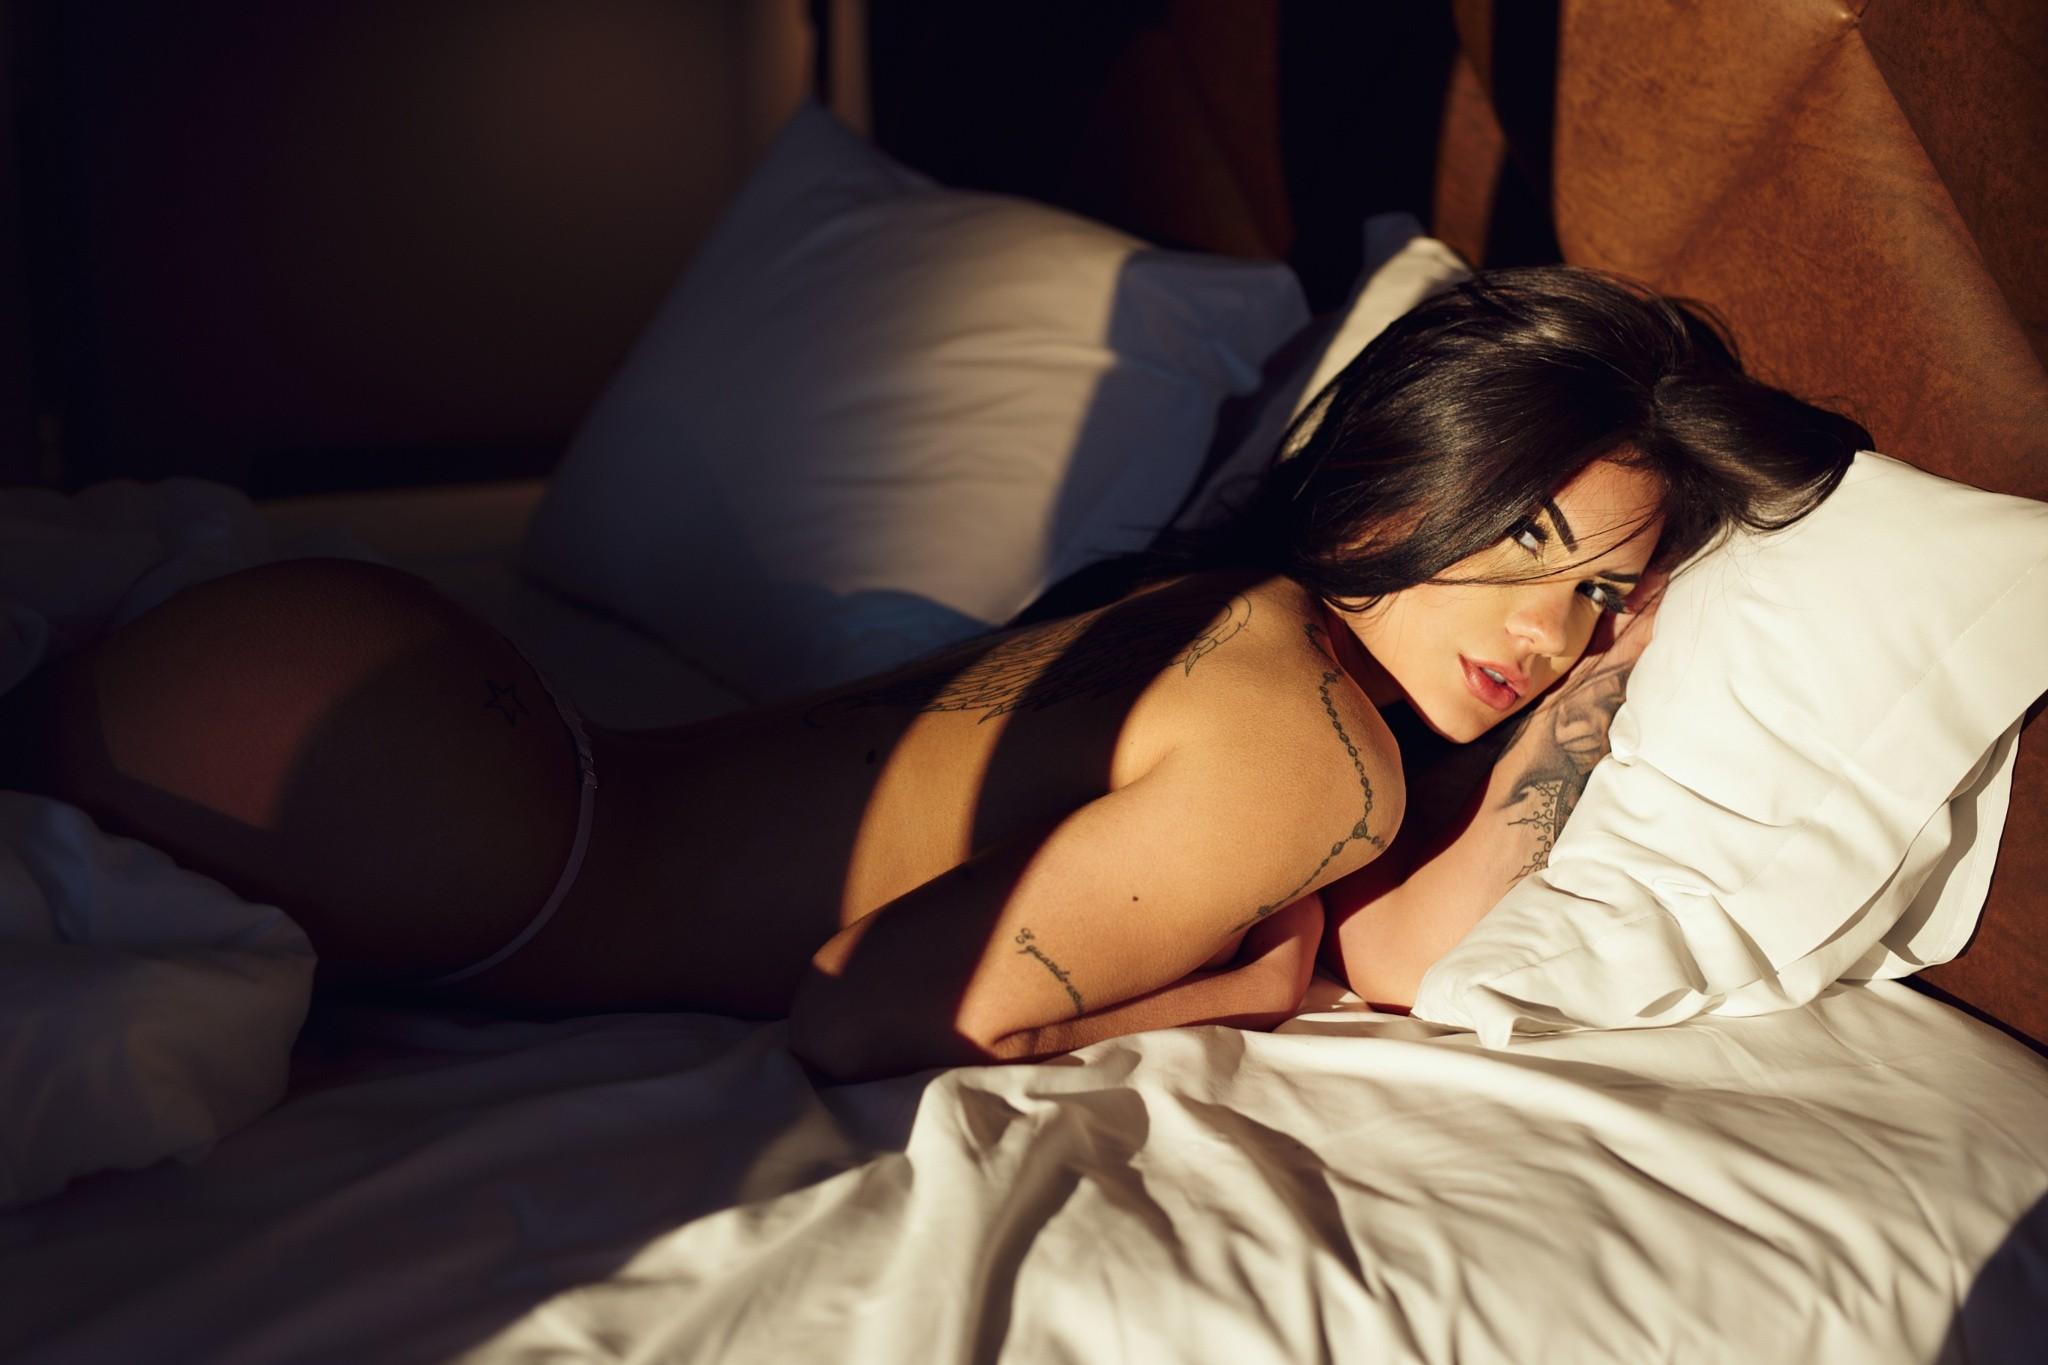 bryunetka-v-posteli-foto-porno